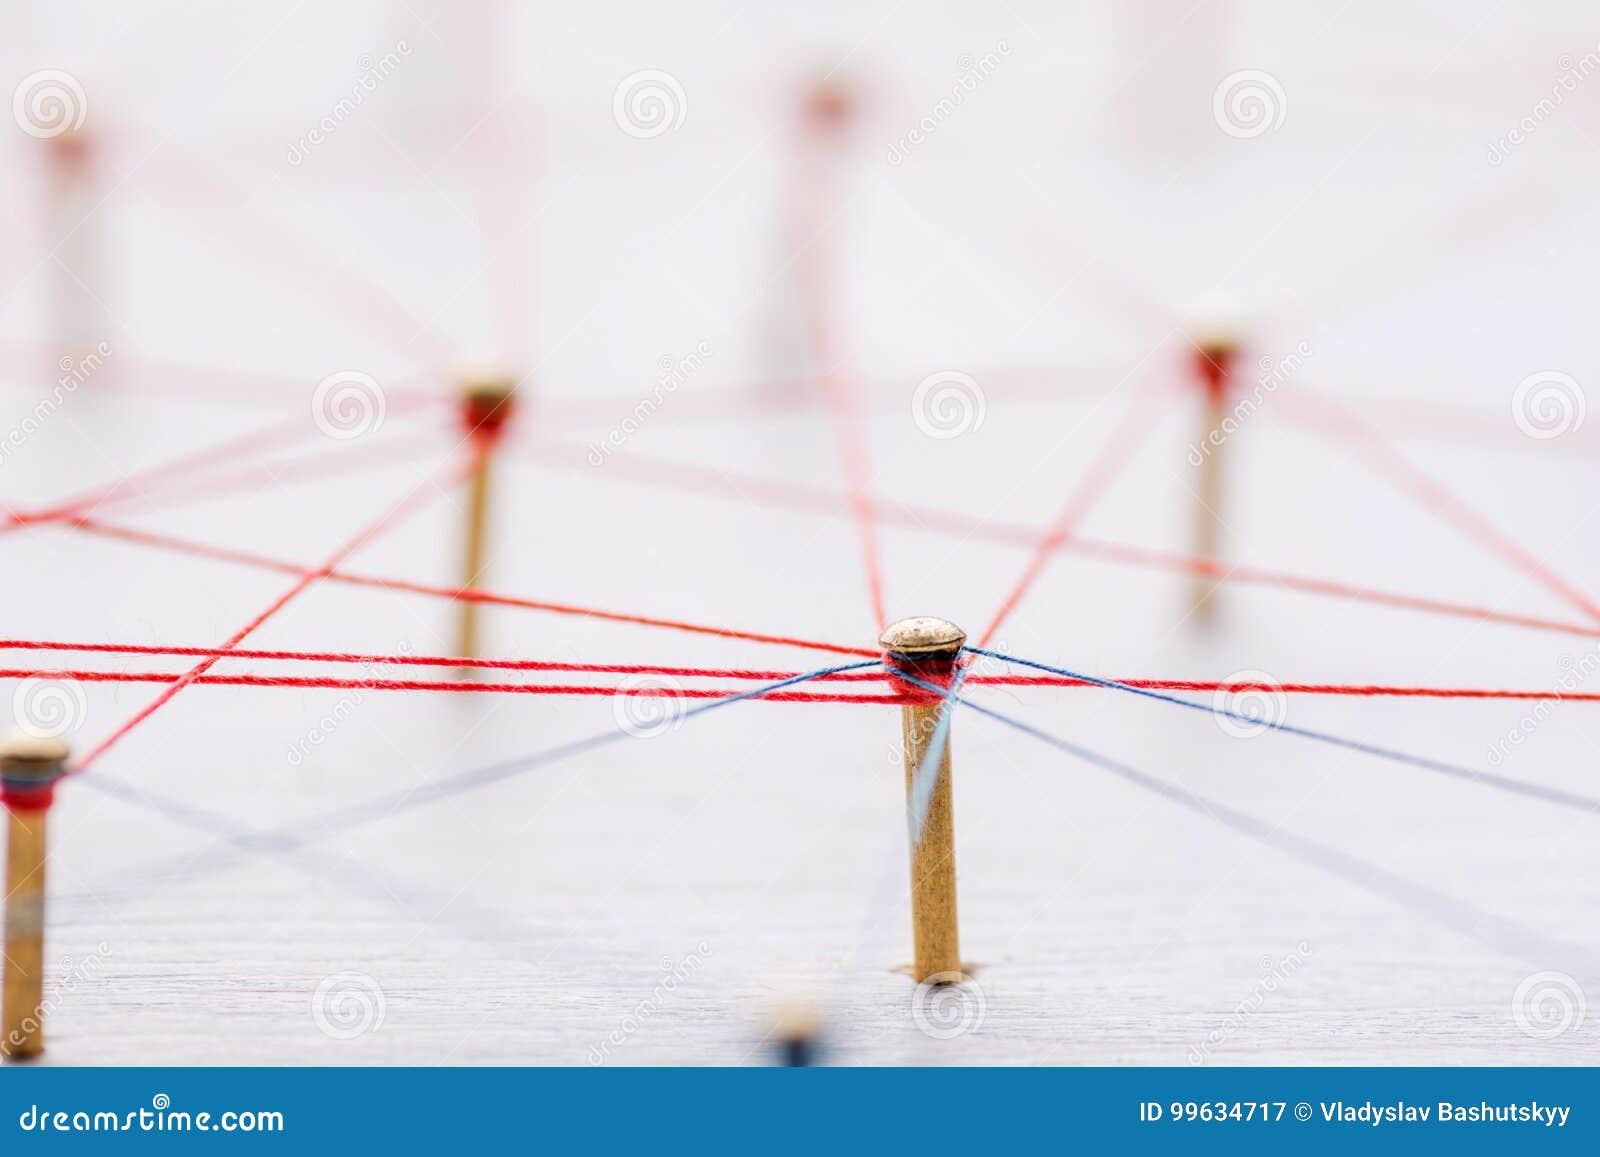 Bakgrund Abstrakt begrepp av nätverket, socialt massmedia, internet, teamwork, kommunikation Nails anknöt tillsammans förbi